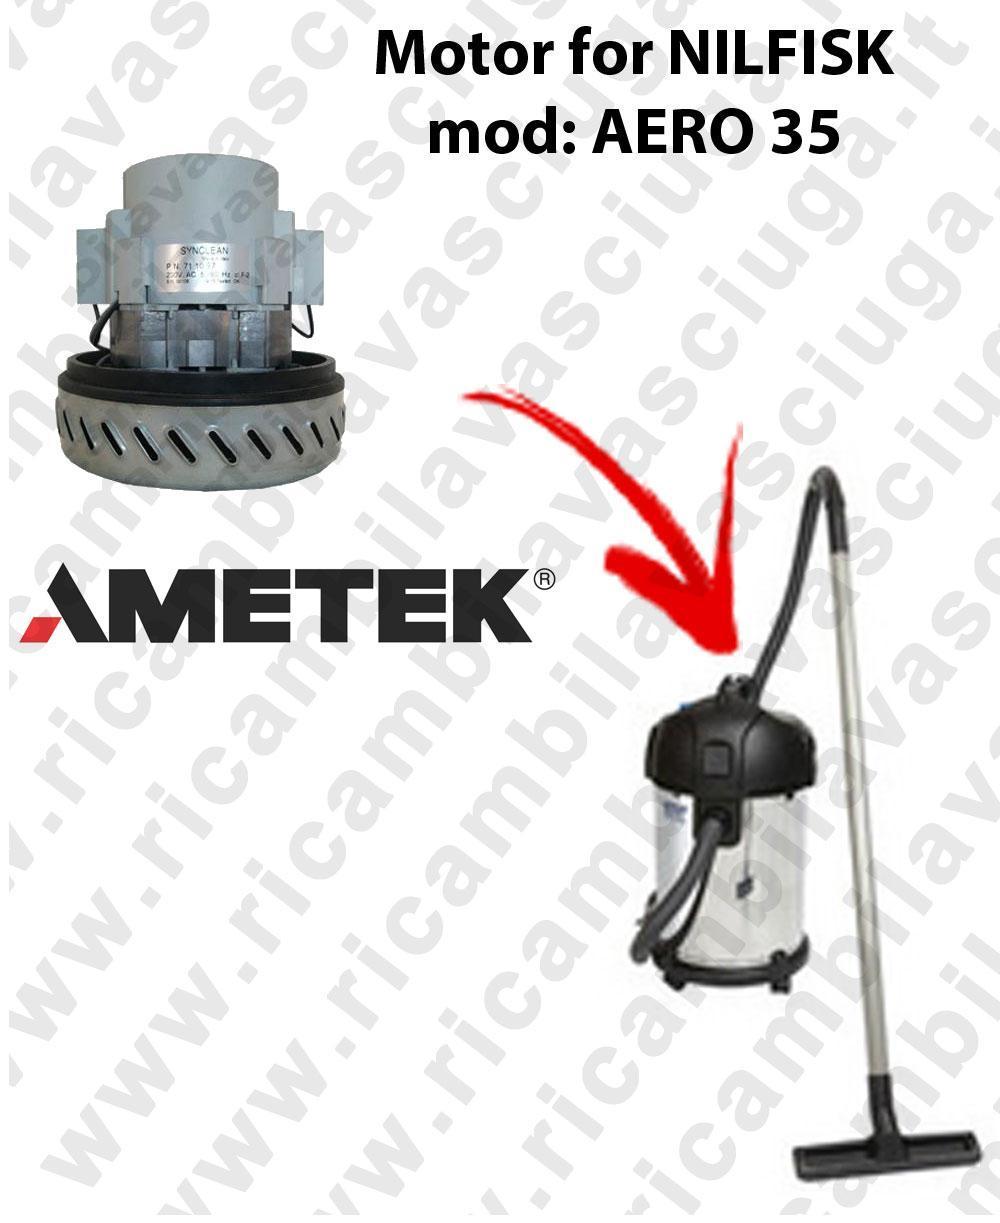 AERO 35 Ametek Vacuum Motor for vacuum cleaner NILFISK